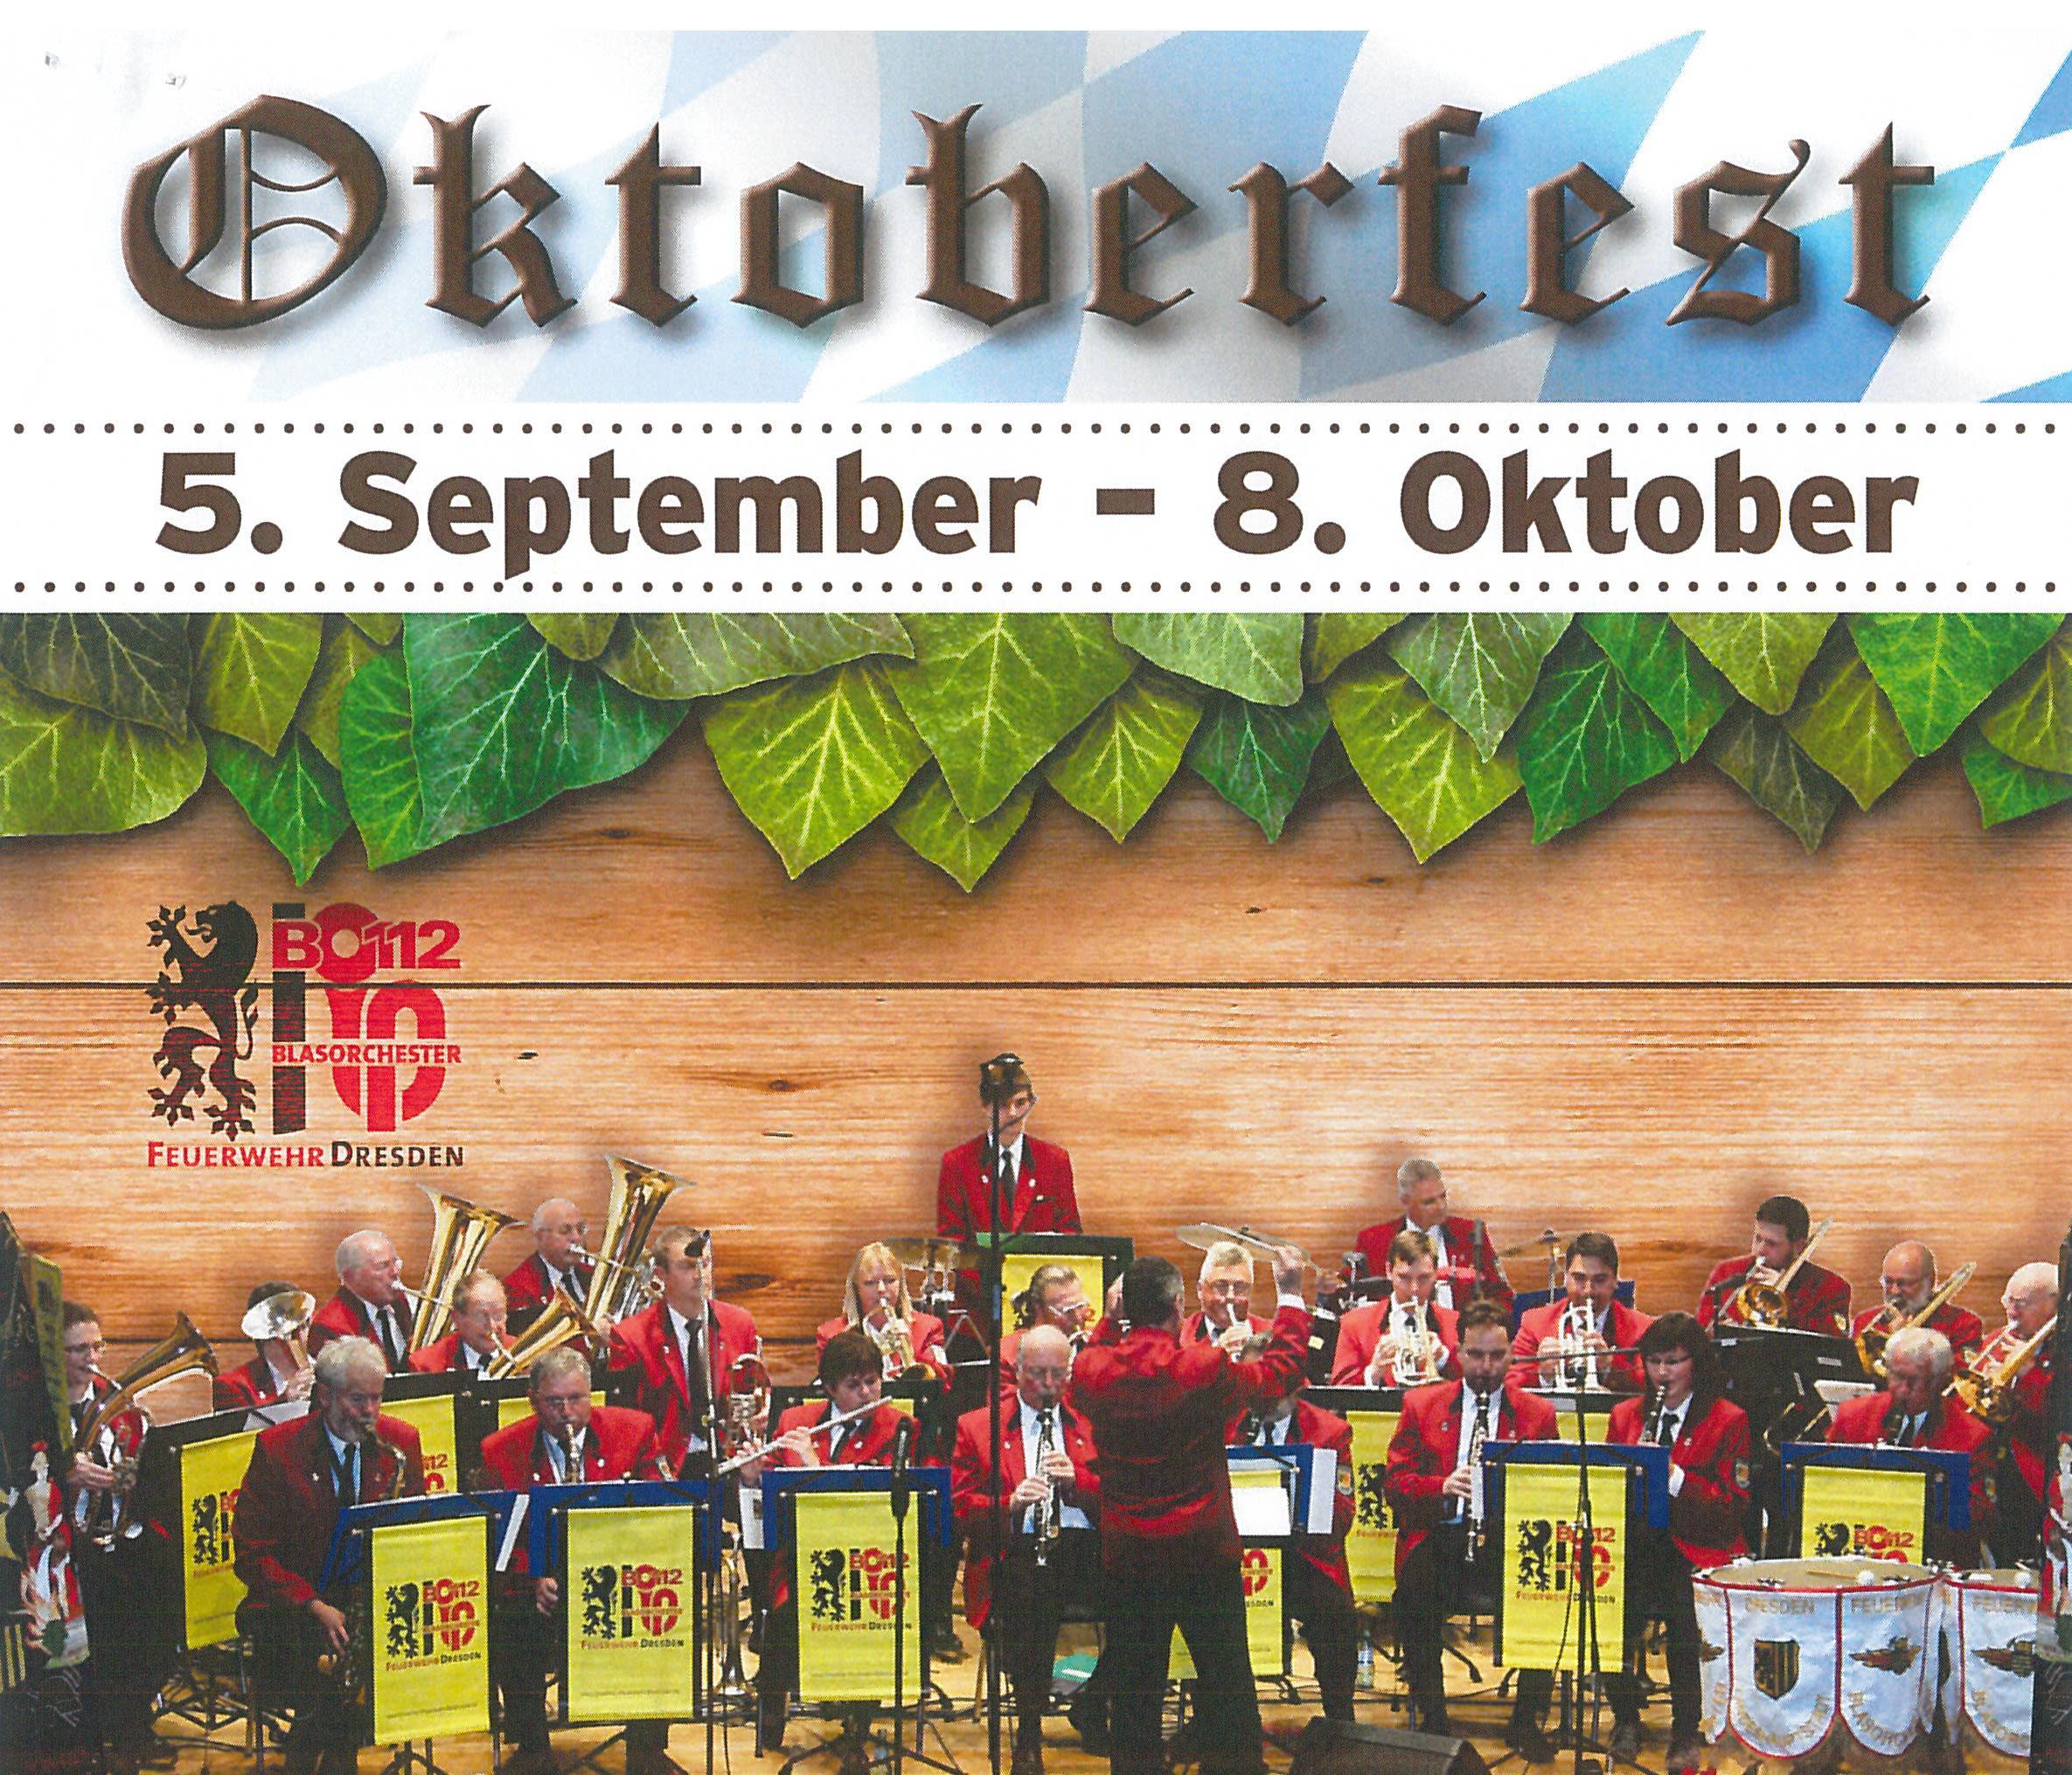 Oktoberfestwochen im Kaufland Imbiss